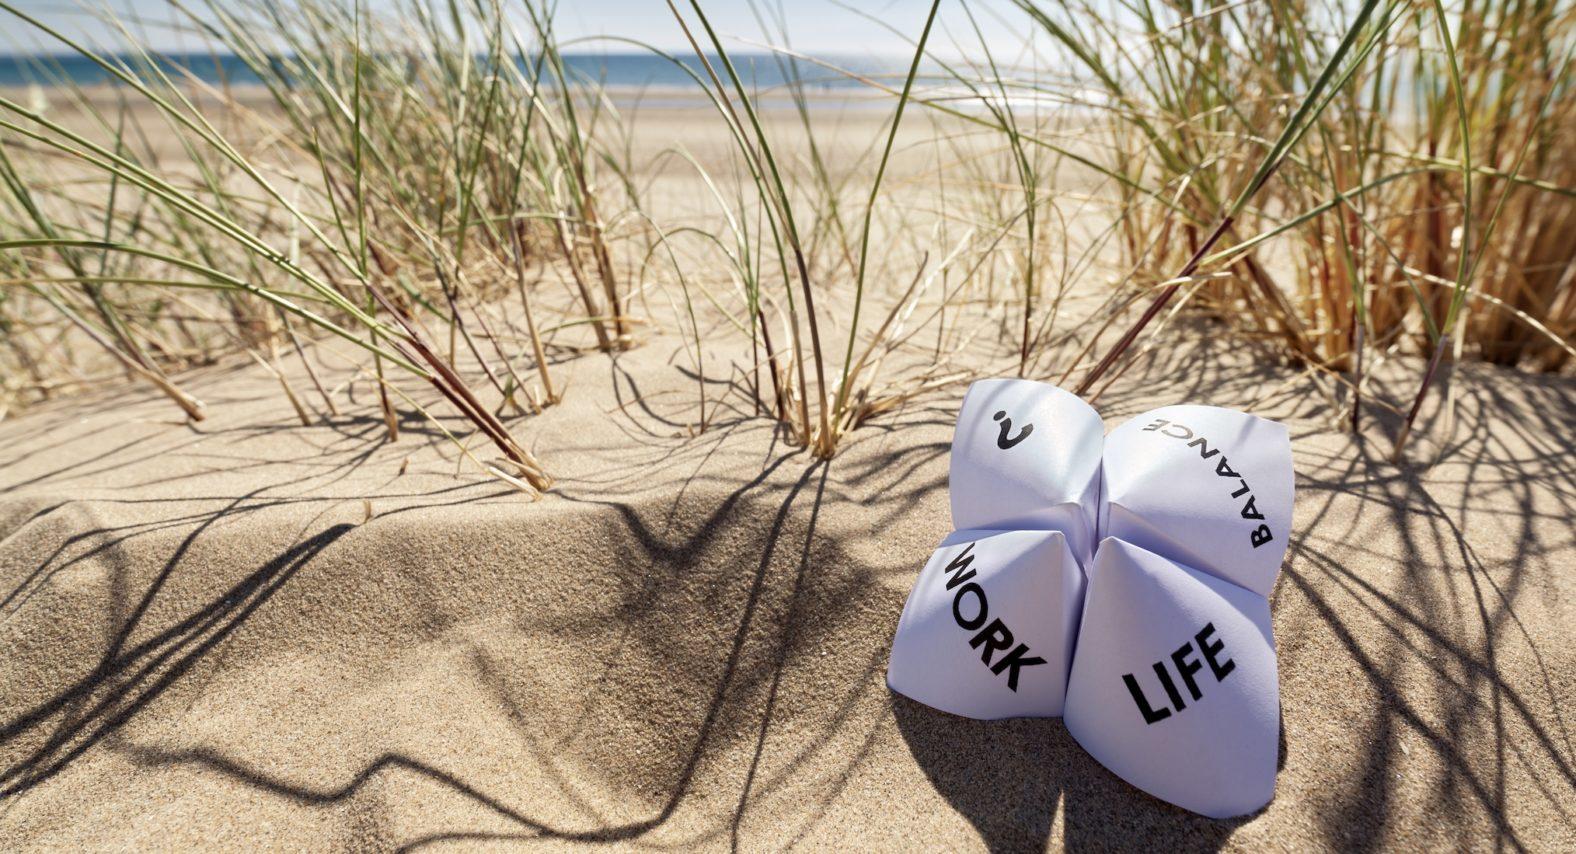 Hitta din work-life balance